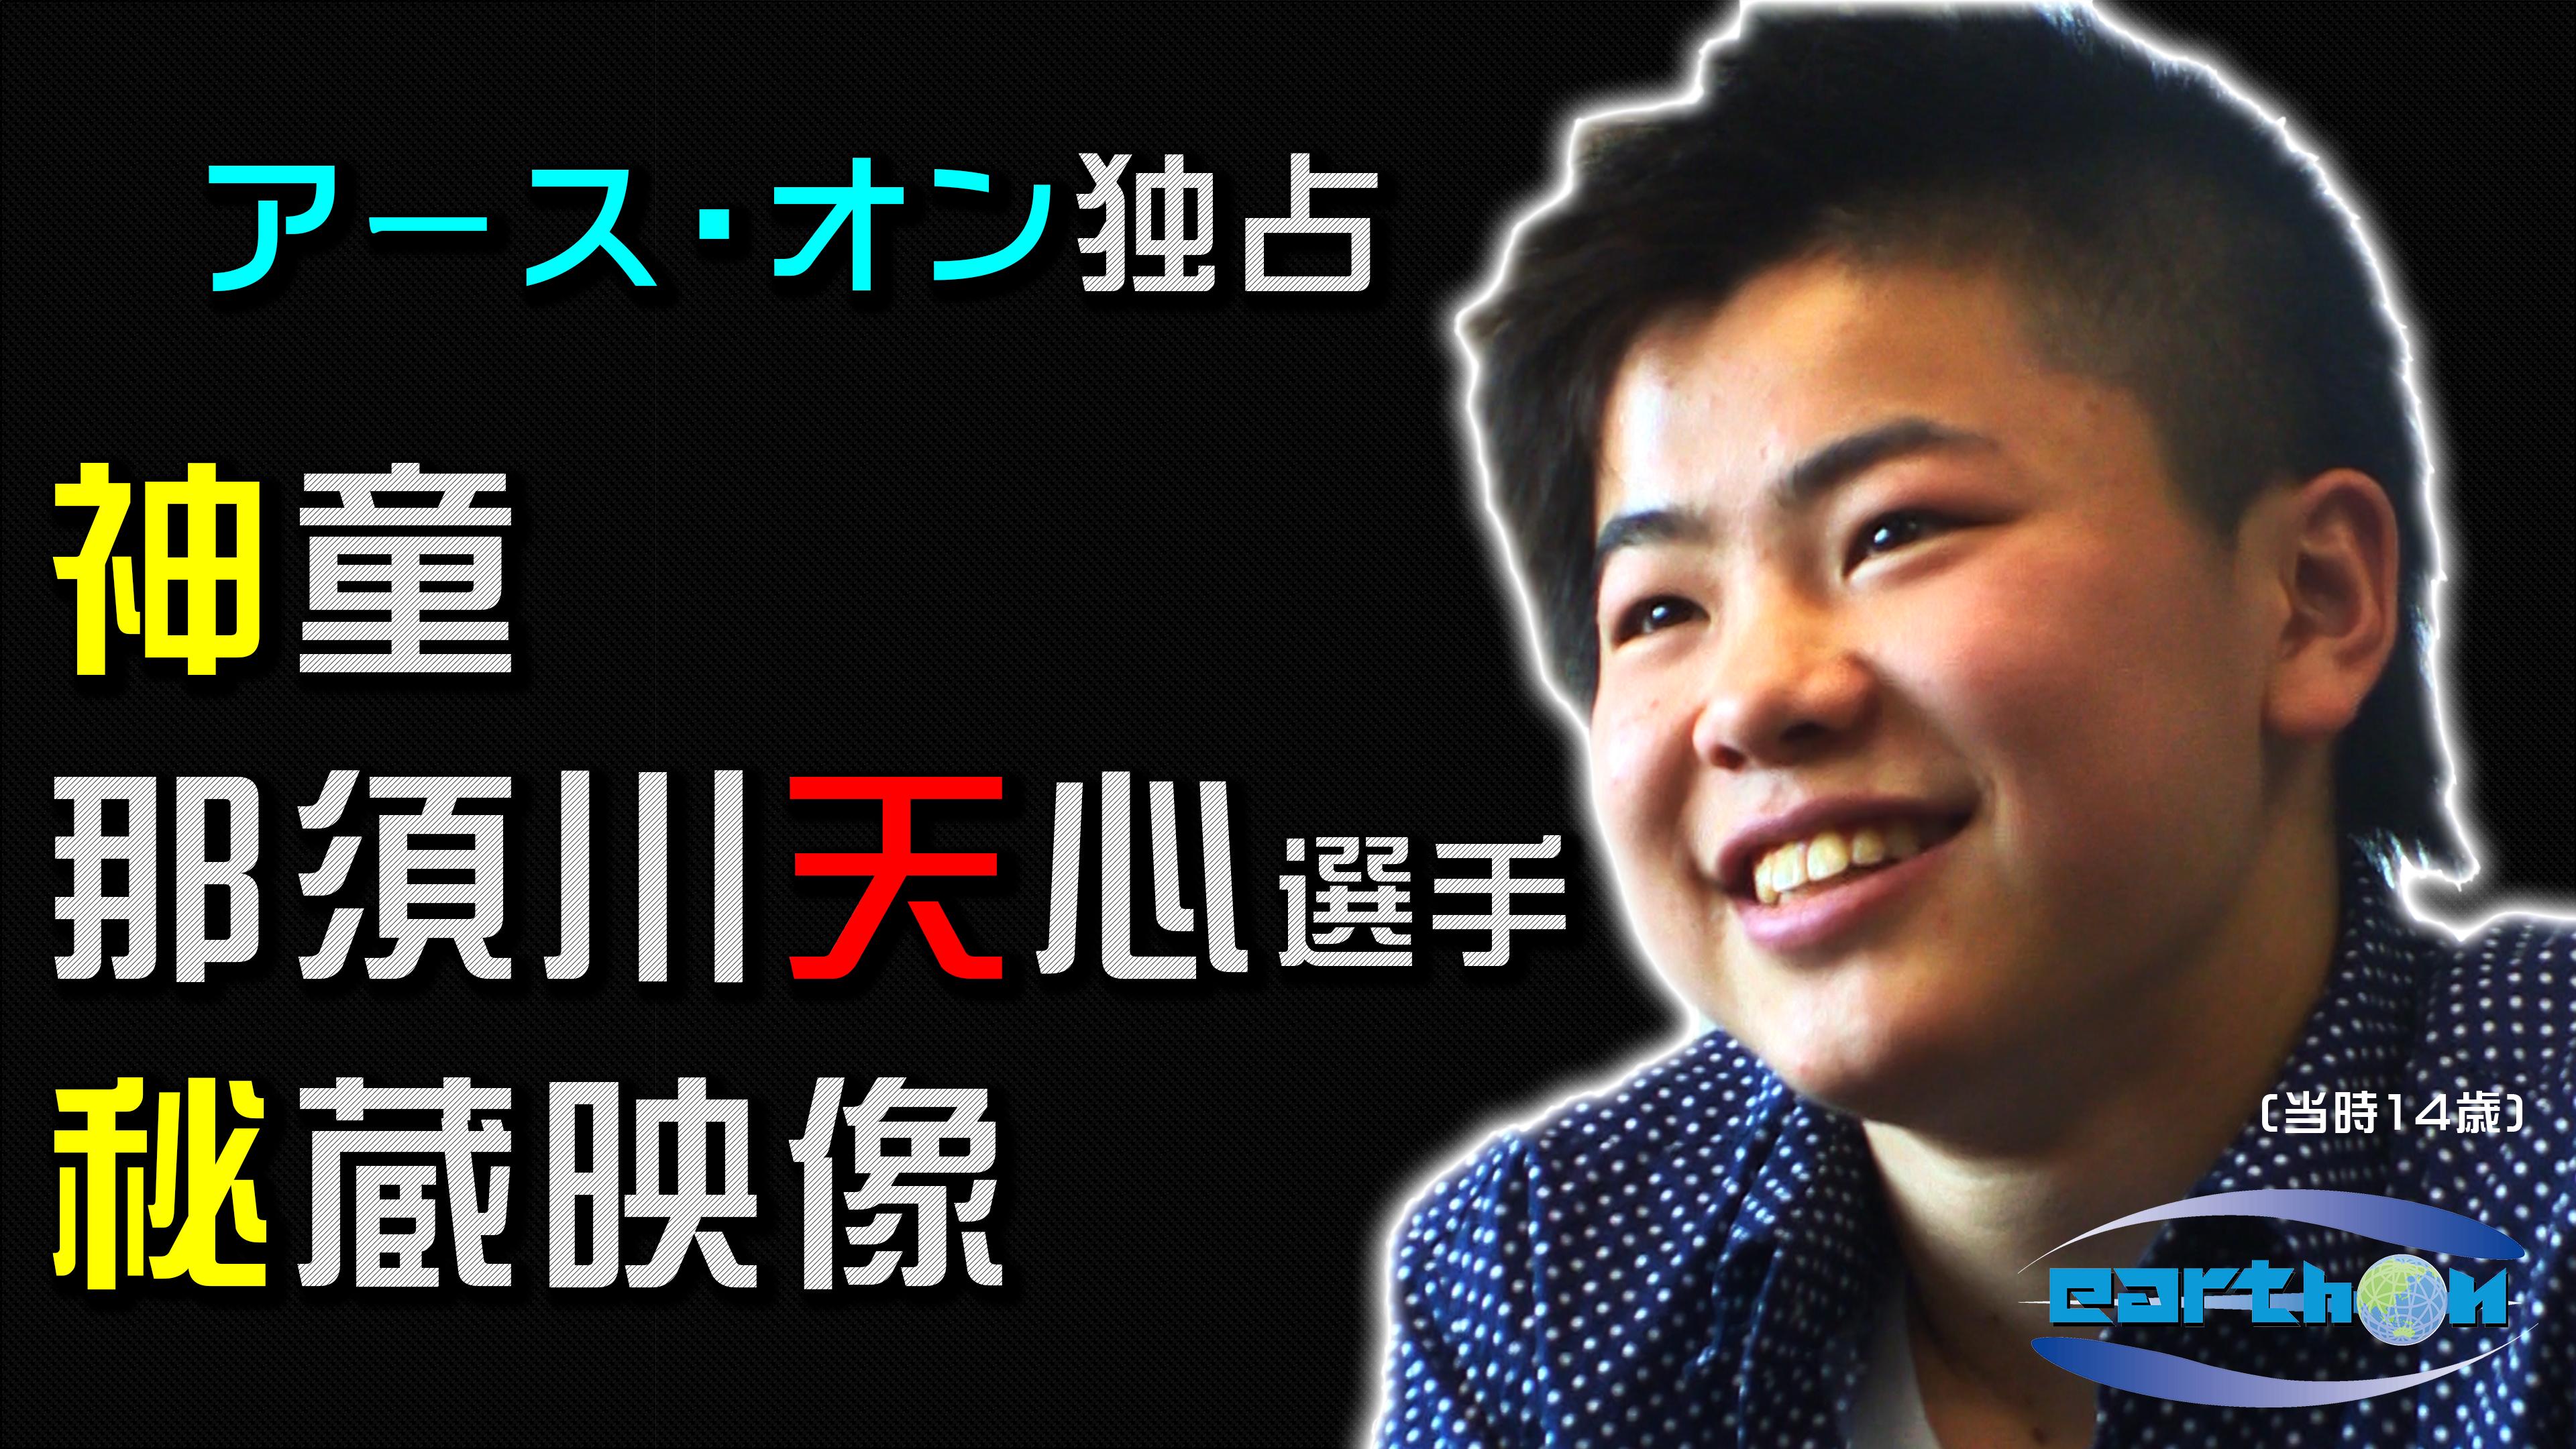 アース・オン独占「神童 那須川天心選手 秘蔵映像」